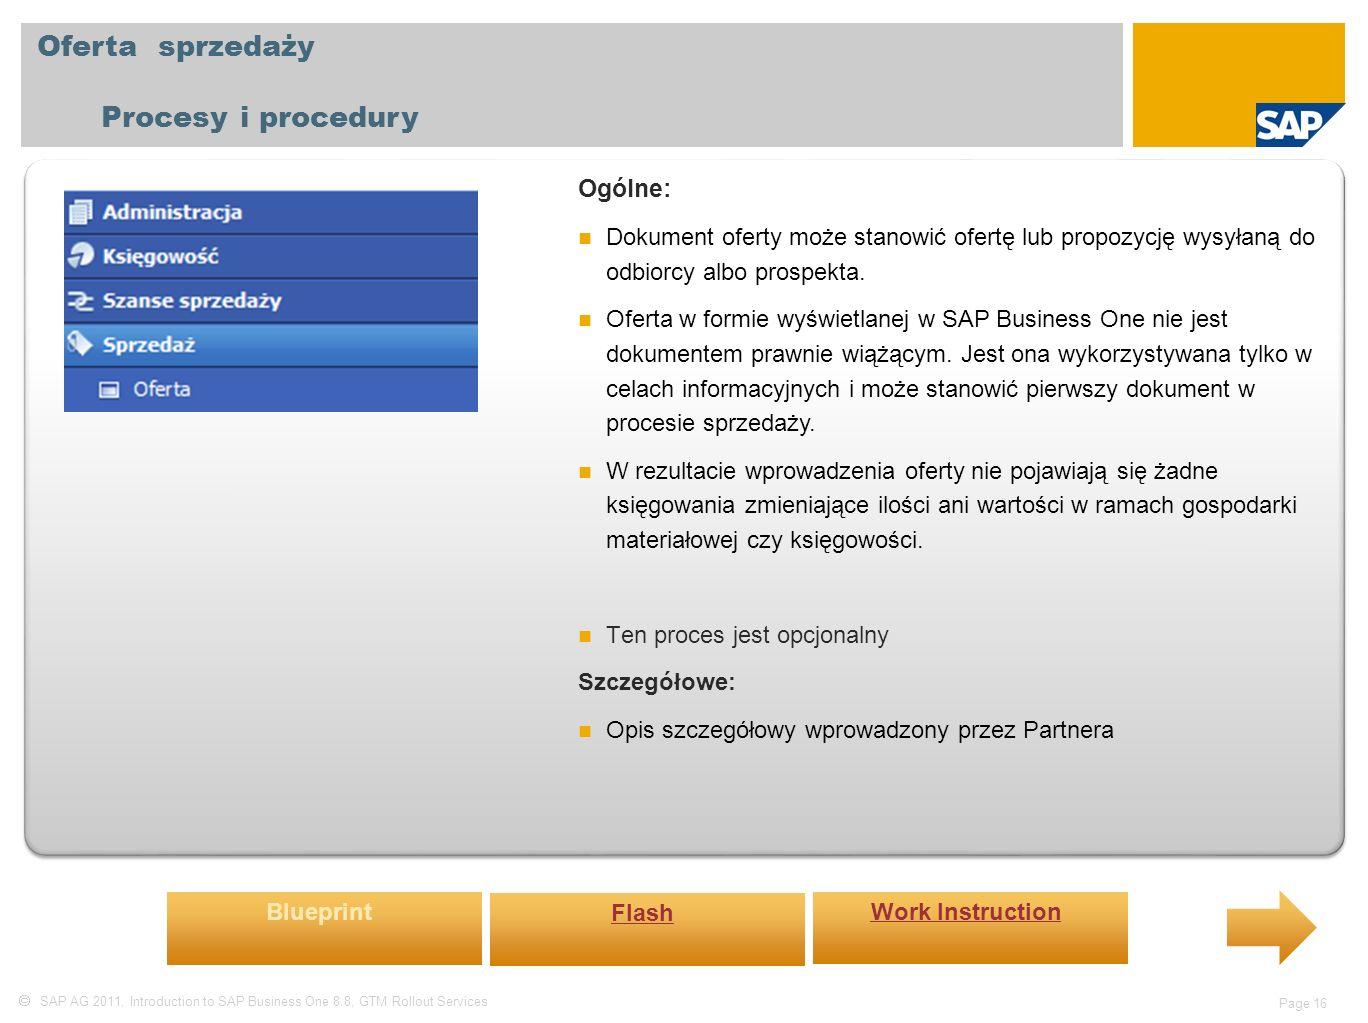  SAP AG 2011, Introduction to SAP Business One 8.8, GTM Rollout Services Page 16 Oferta sprzedaży Procesy i procedury Ogólne: Dokument oferty może st